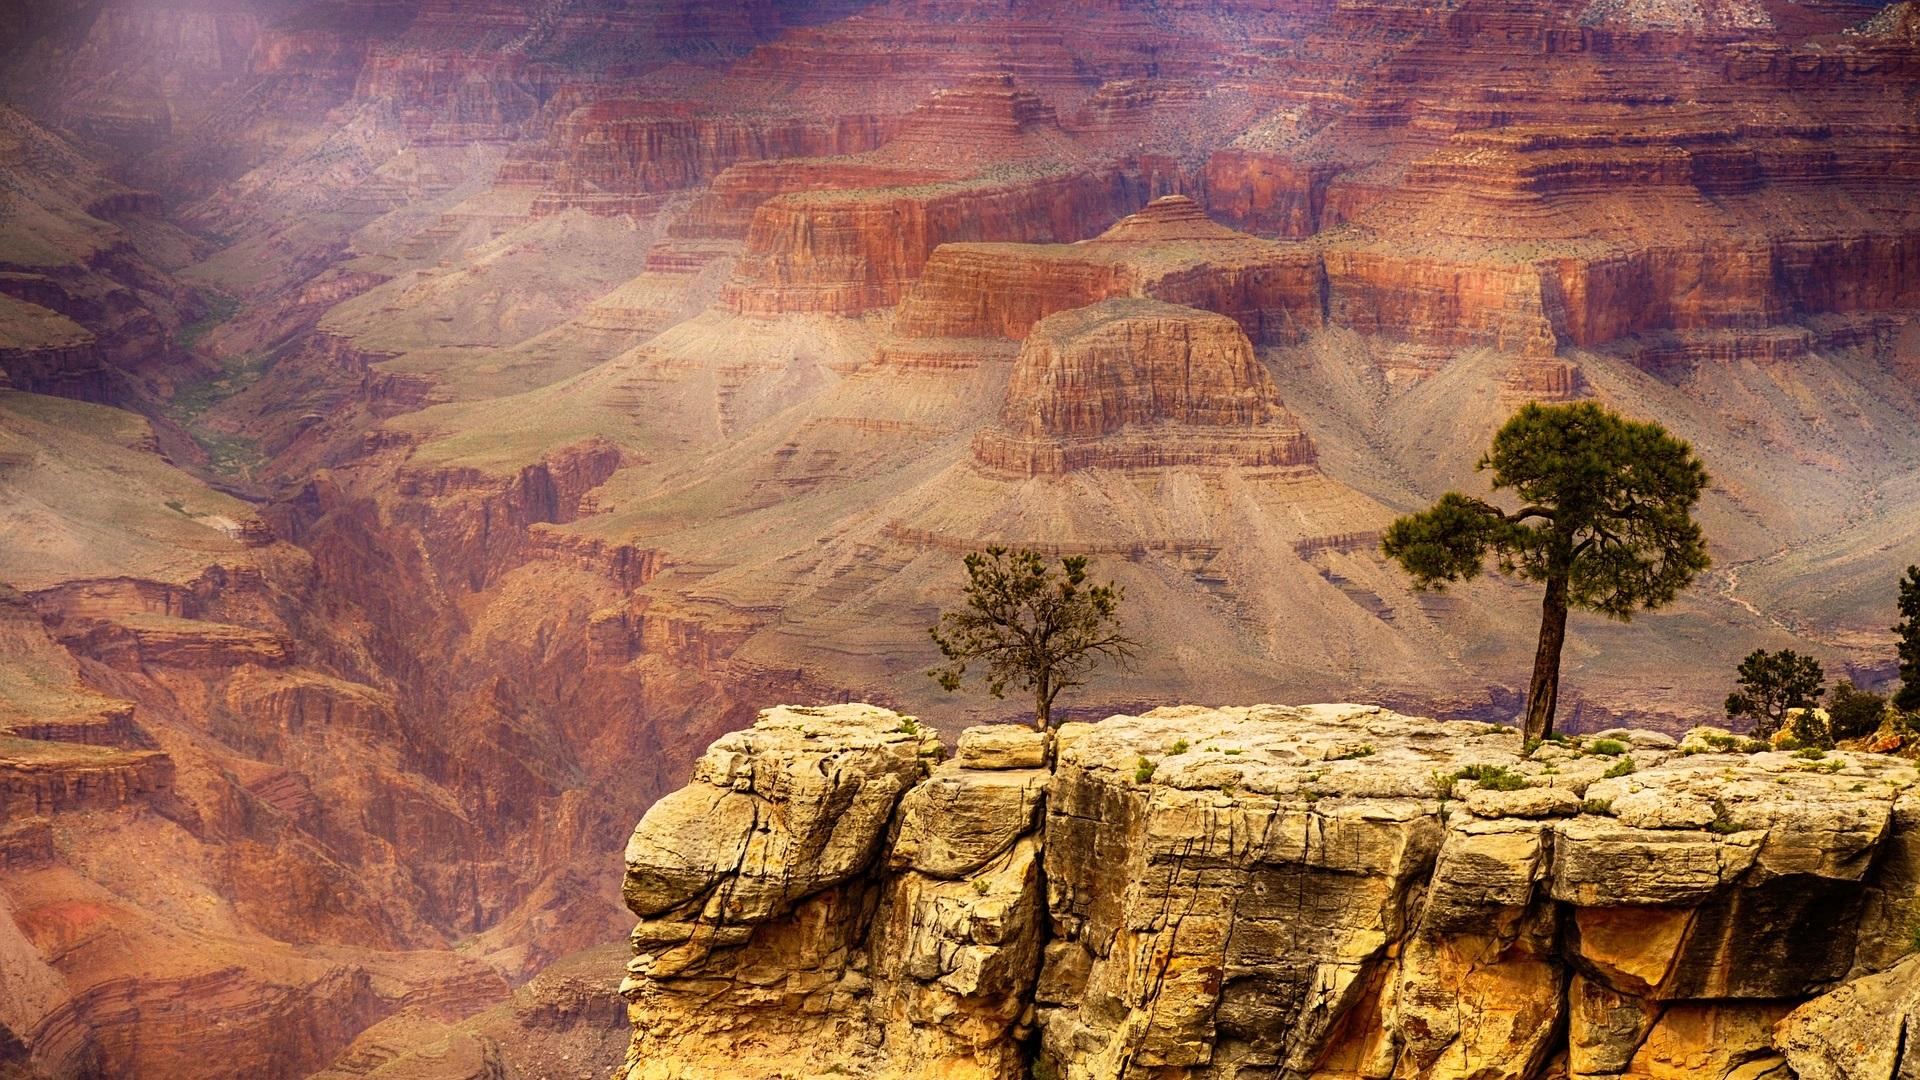 Големия каньон, САЩ<br /> <br /> През 2019 г. паркът, посветен на най-известното геоложко чудо в Америка, ще отпразнува своята 100-годишнина с поредица от беседи, концерти и специални изложби. Вече има нови маршрути за туристически обиколки и можете да видите малко известни местенца от каньона.